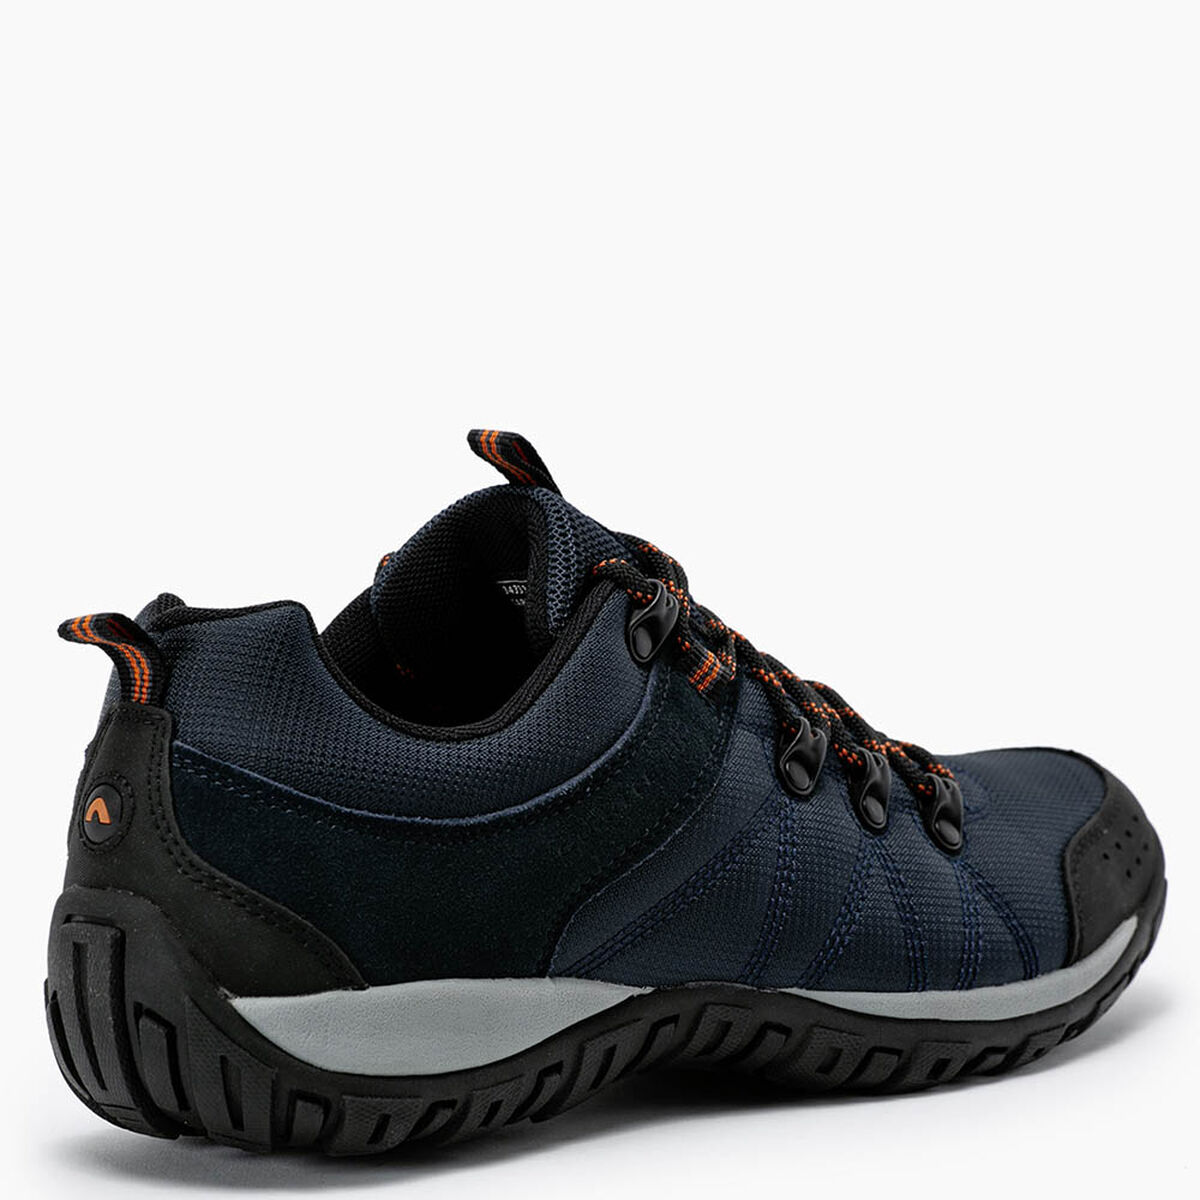 Zapato Hombre Guante